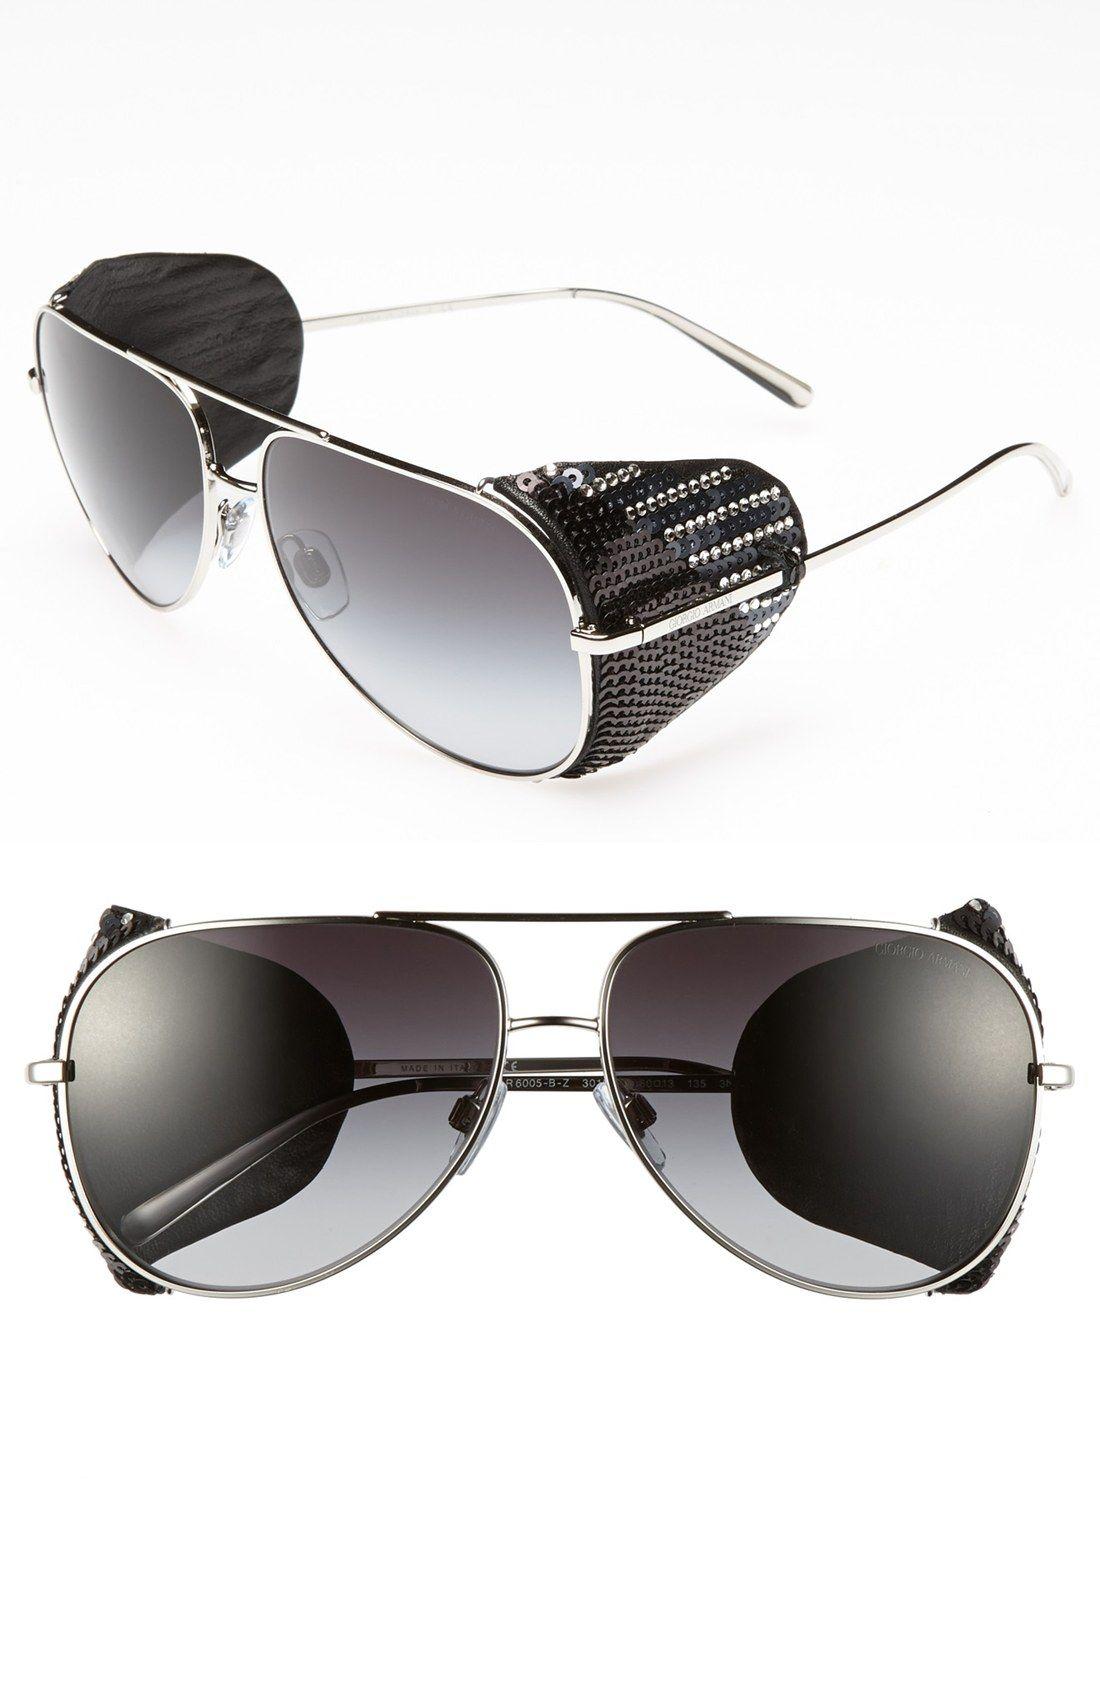 b83afa19211 Giorgio Armani 60mm Sunglasses